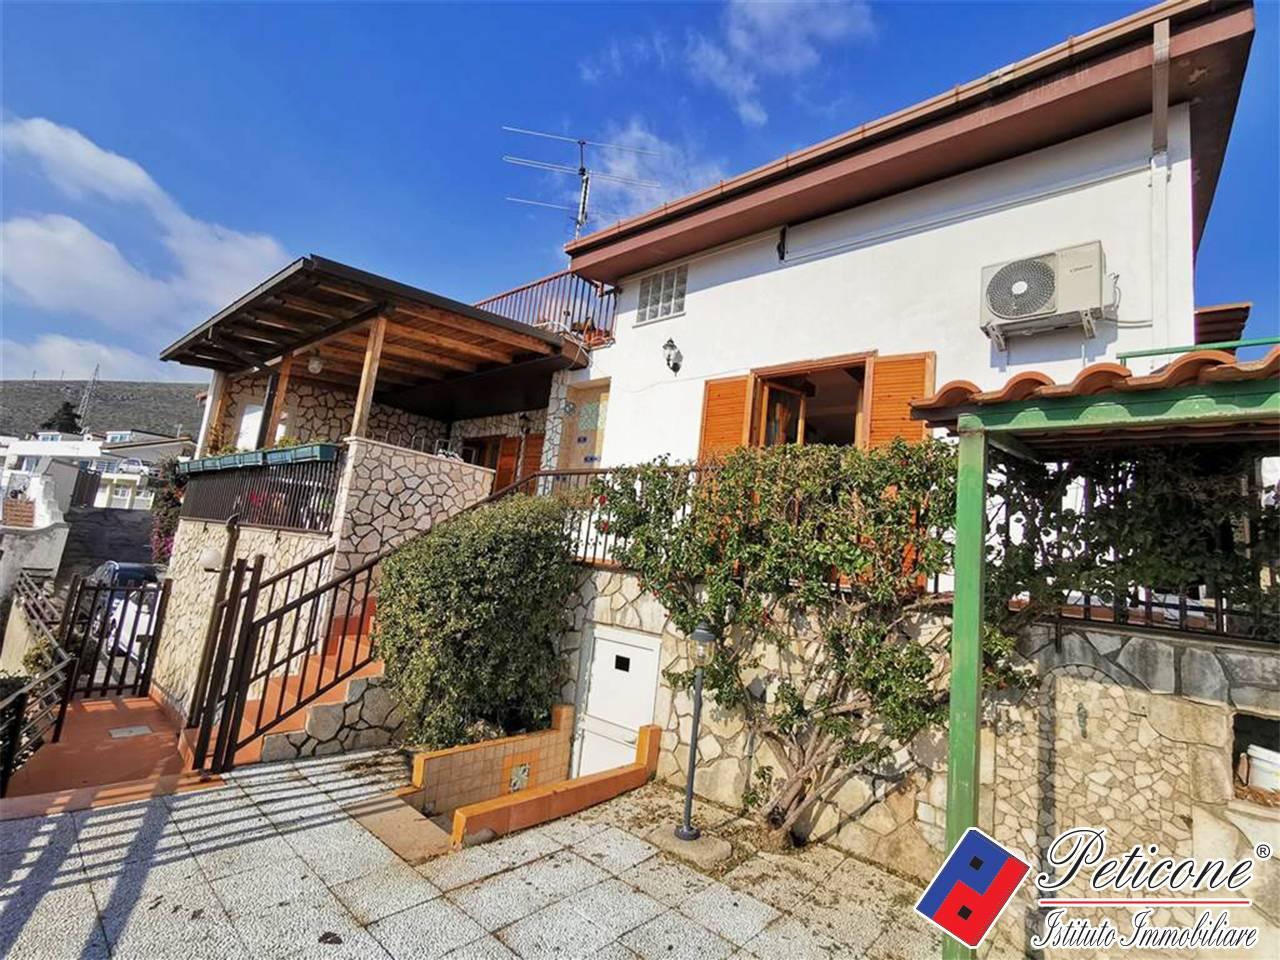 Villa in Vendita a Formia: 5 locali, 100 mq - Foto 1